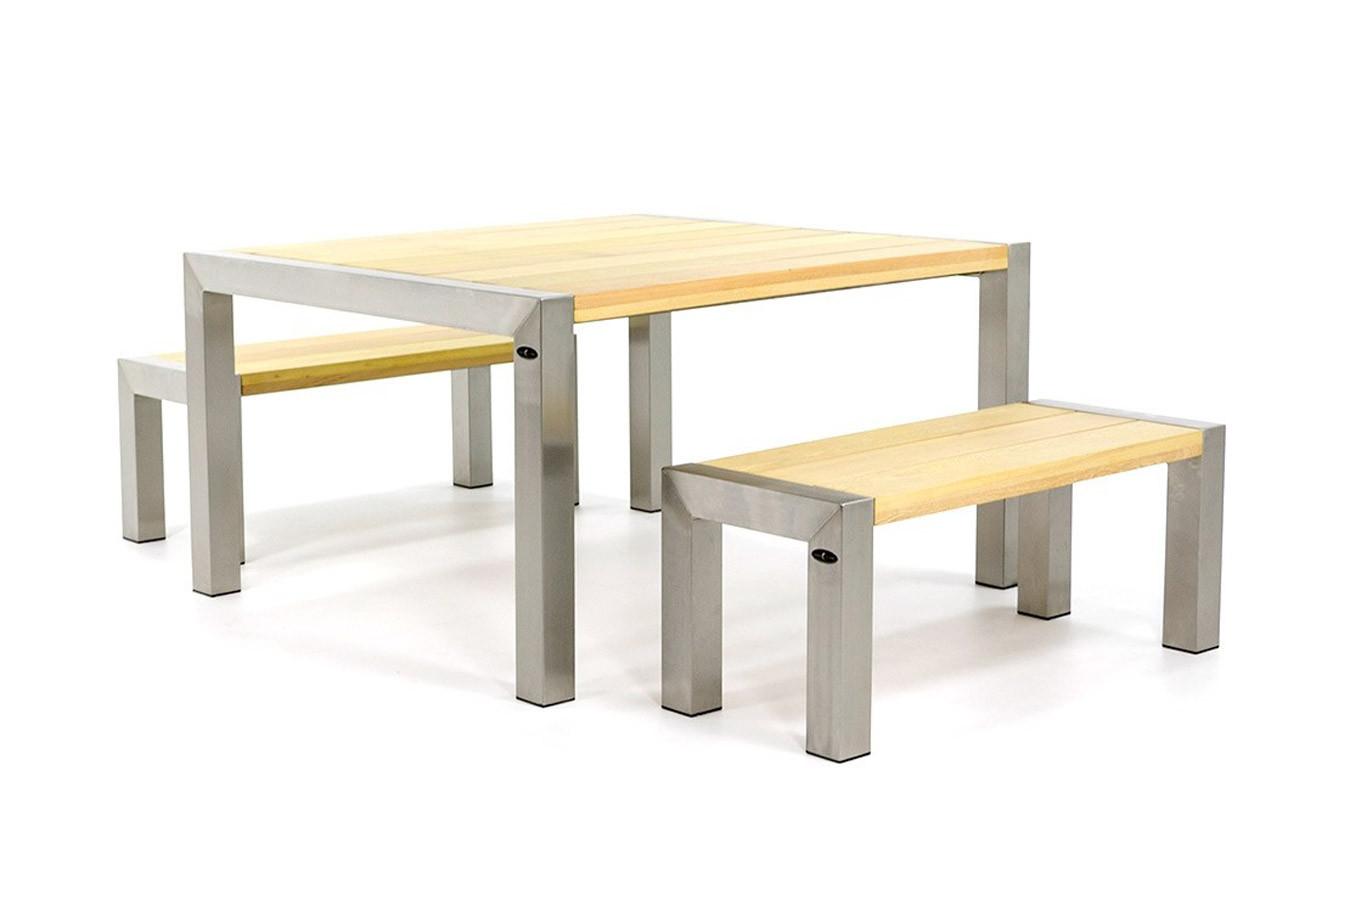 RVS Tuintafel en banken met houten blad